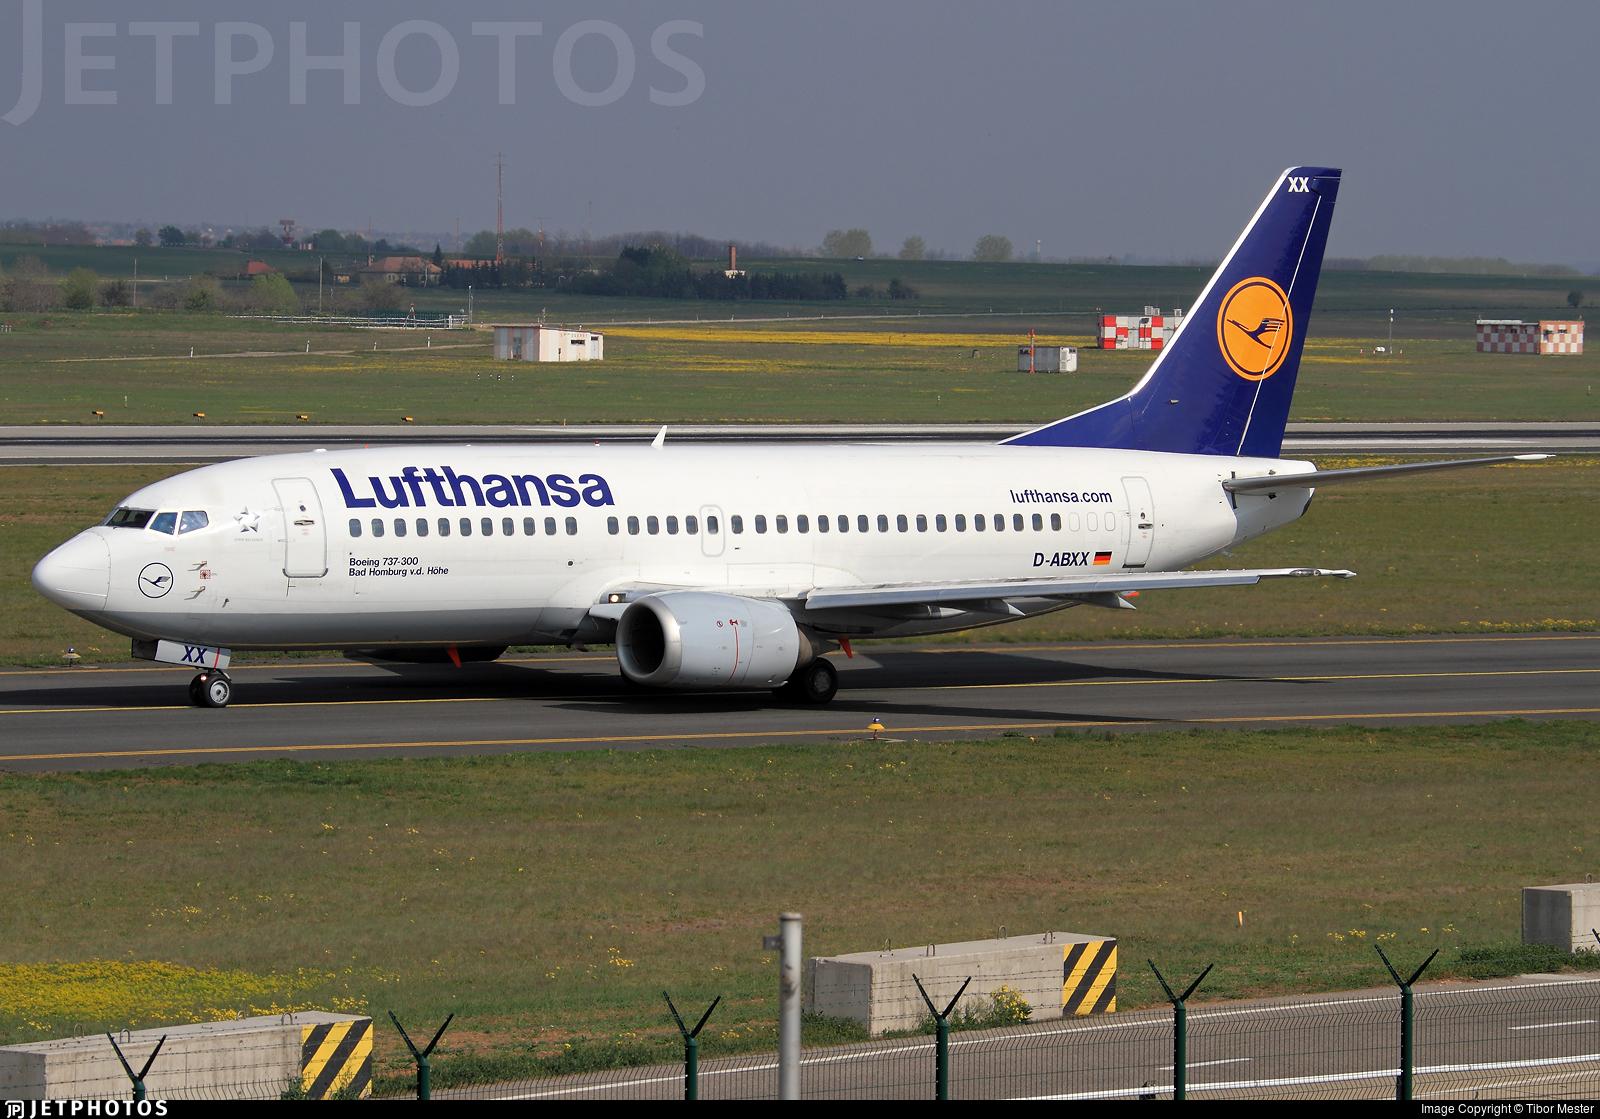 D-ABXX - Boeing 737-330 - Lufthansa